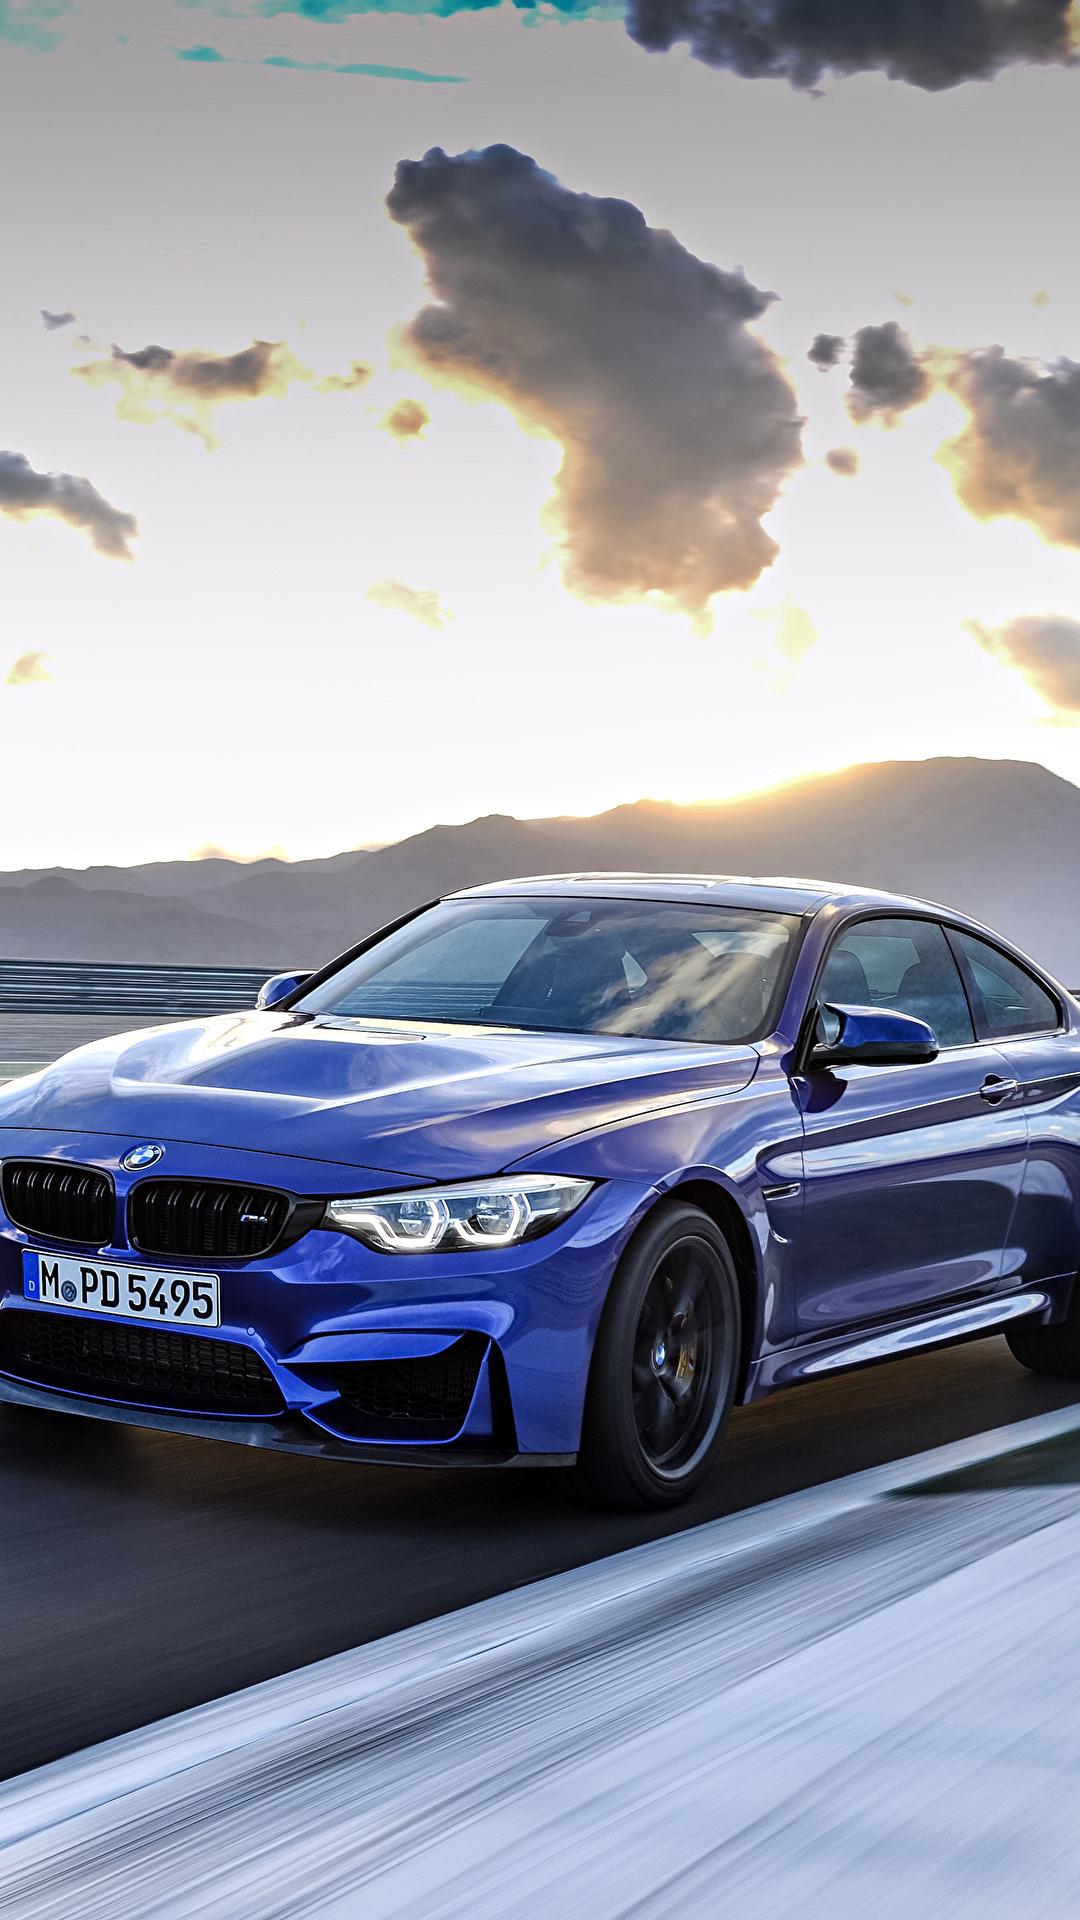 Картинки БМВ 2017 M4 CS Worldwide синие едущий Металлик Автомобили 1080x1920 для мобильного телефона BMW синих Синий синяя едет едущая скорость Движение авто машина машины автомобиль